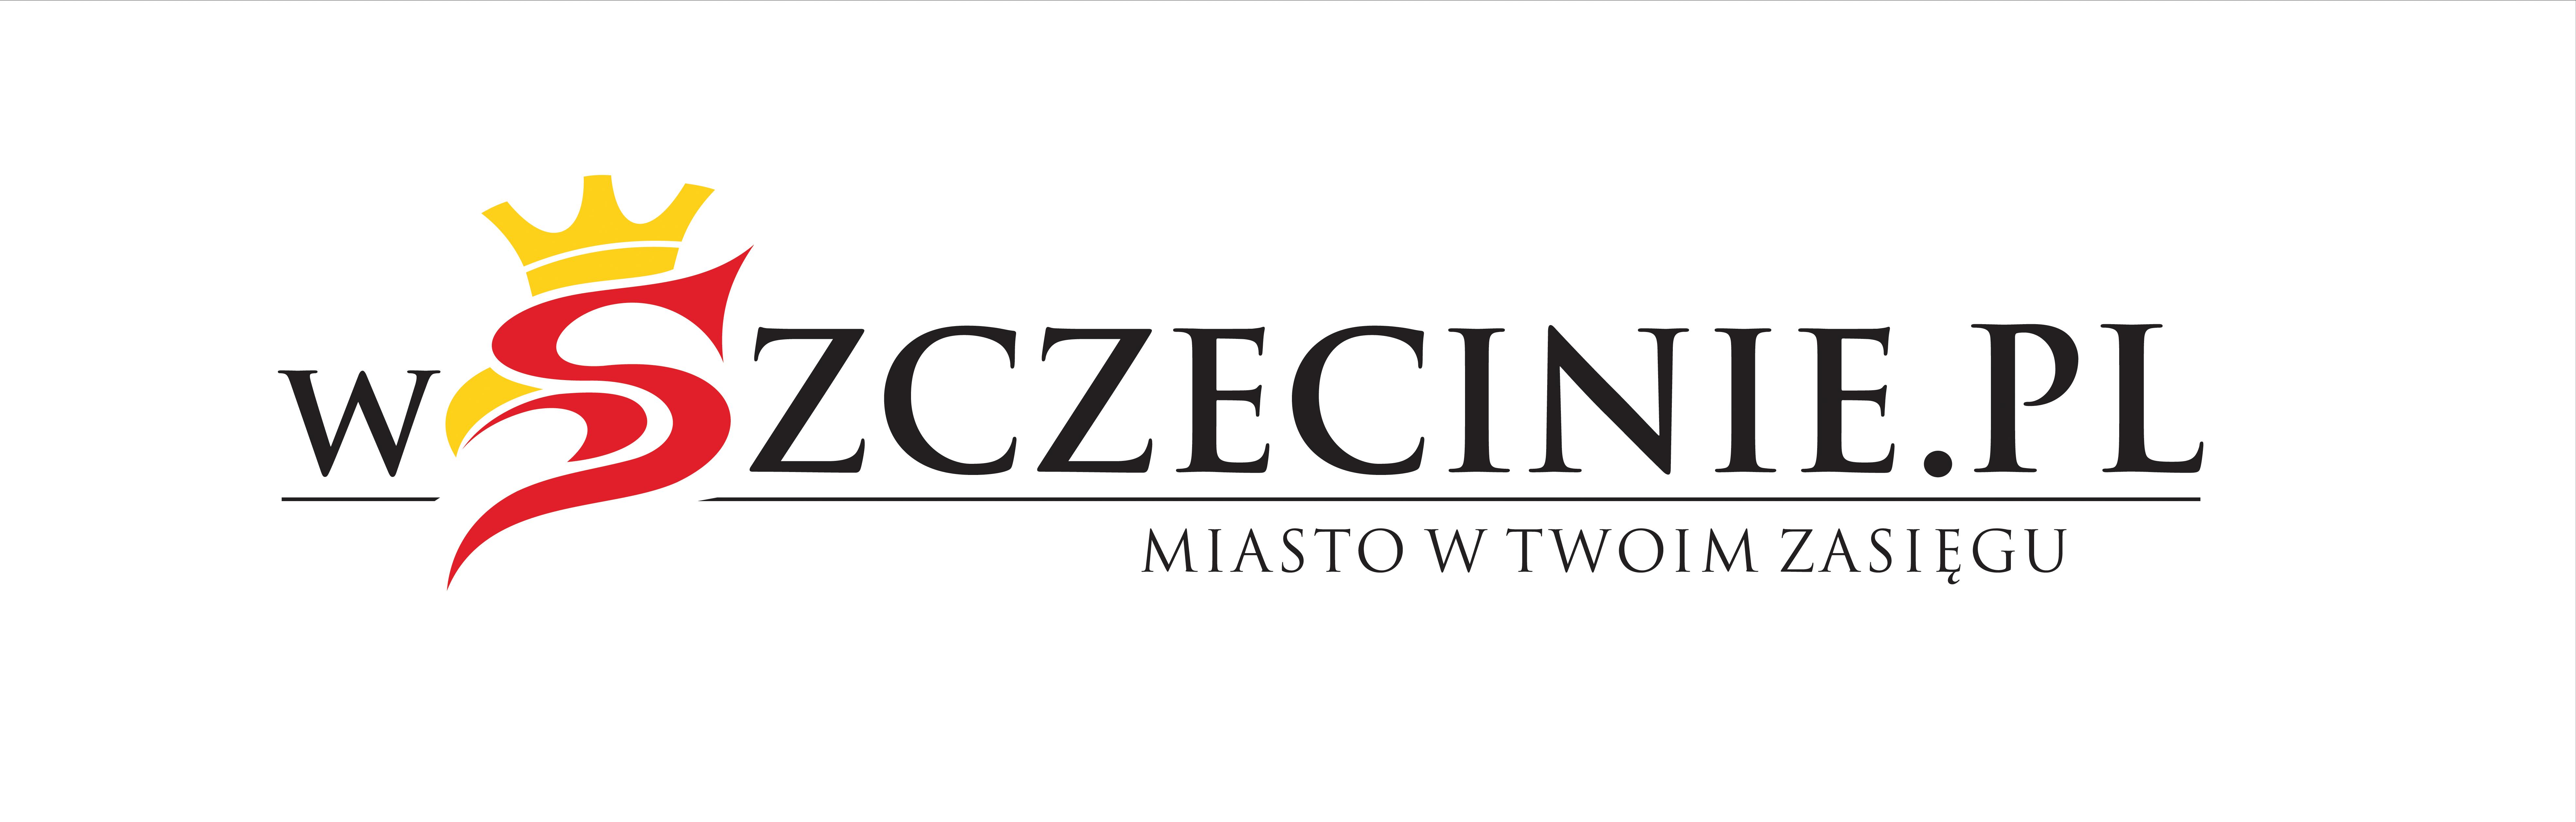 wszczecinie.pl